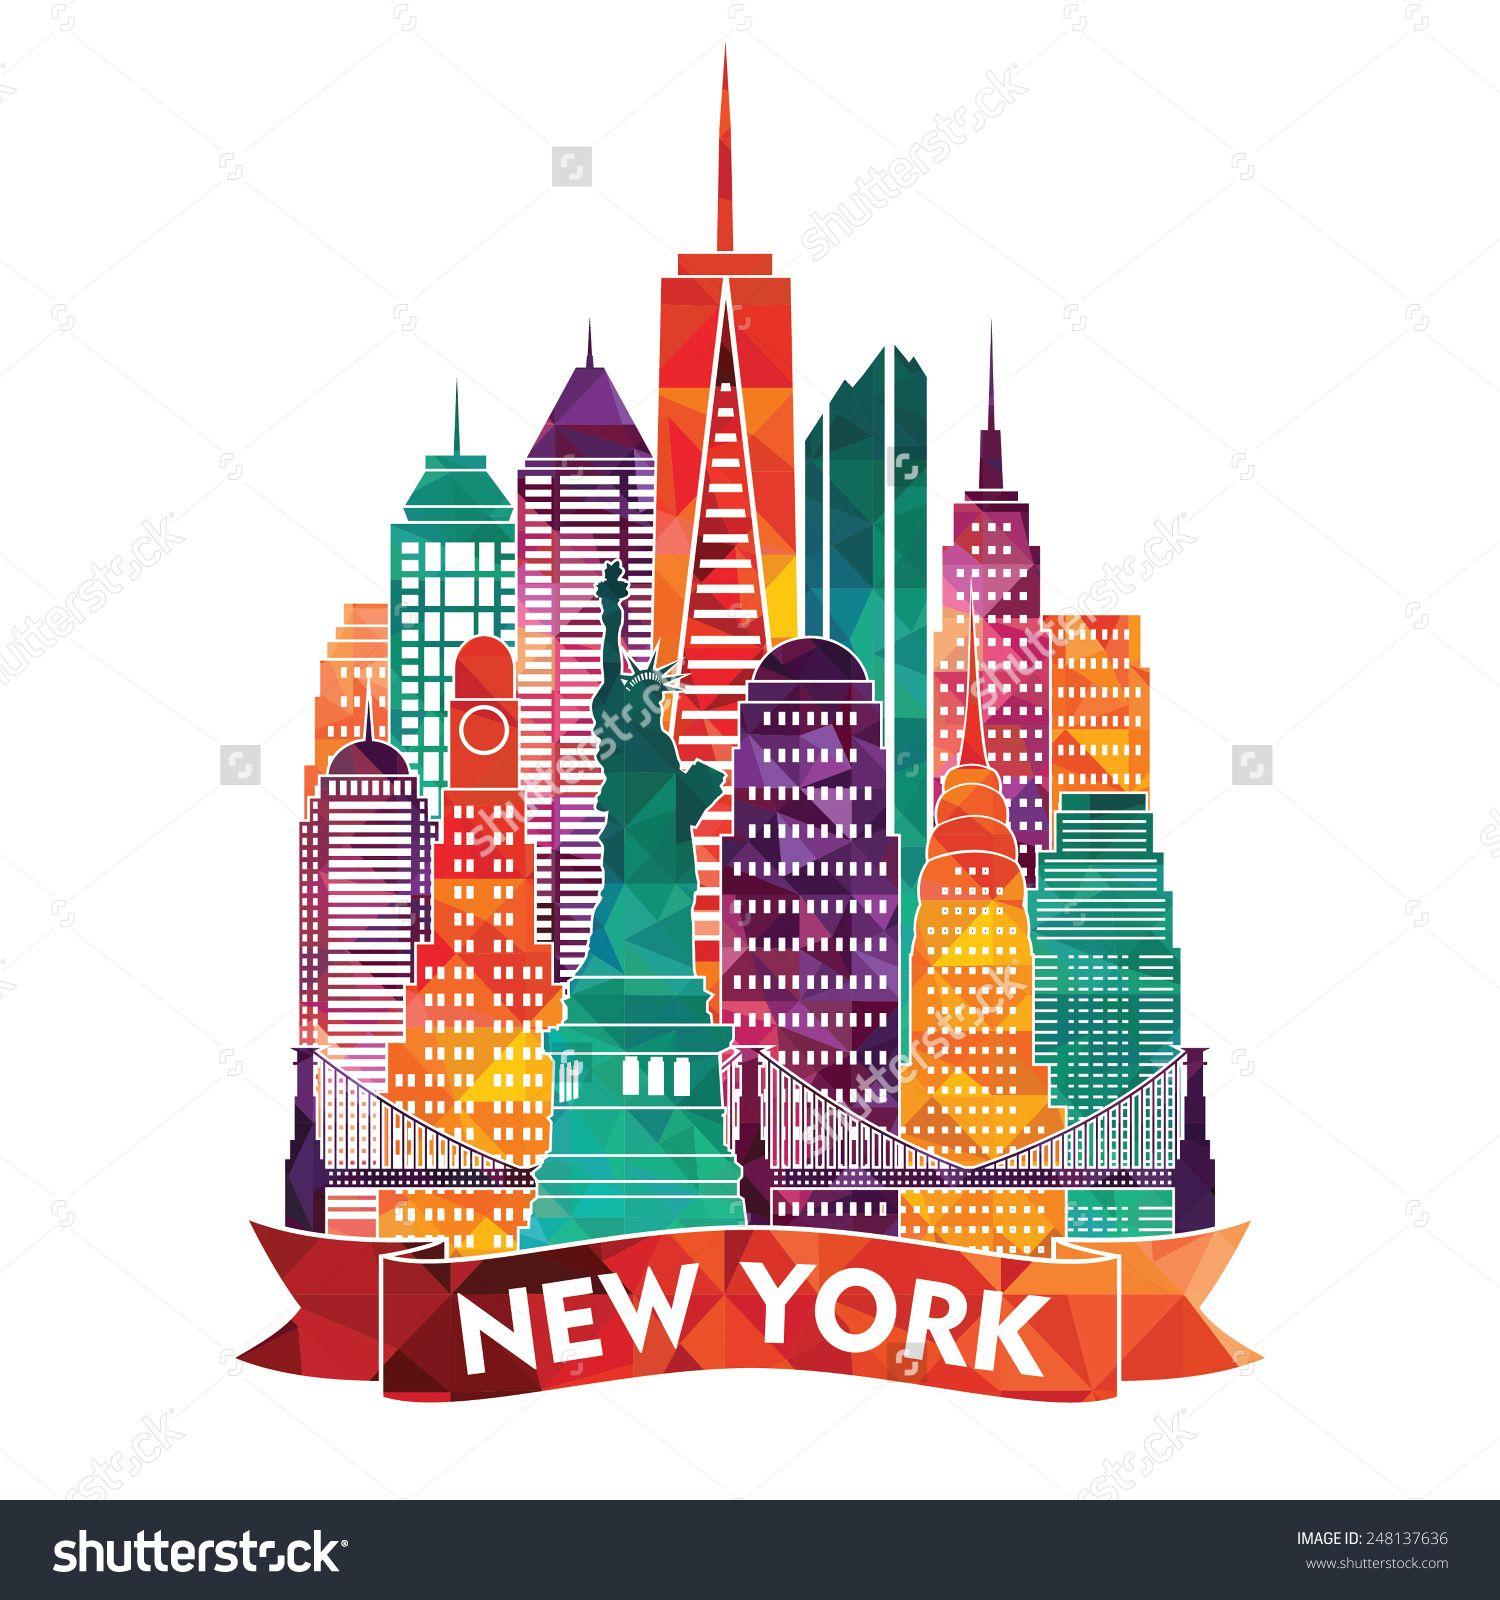 Célèbre new york illustration - Google Search | AMANDA WOF | Pinterest  SD82